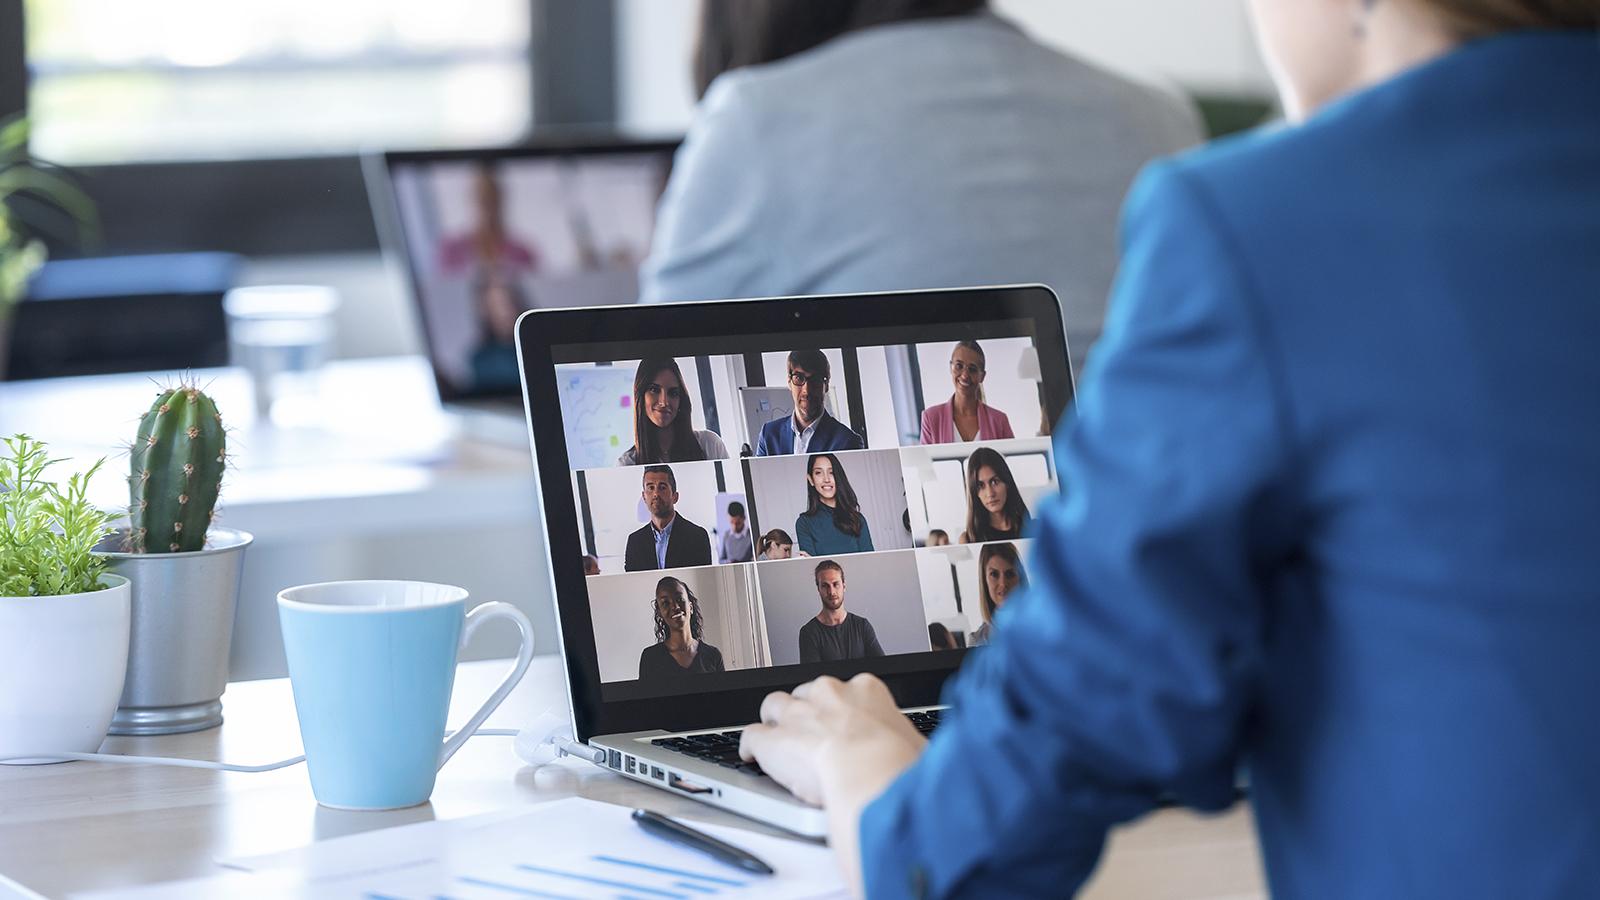 Videoconferencia entenda como garantir boas reunioes a distancia 3 - Videoconferência: entenda como garantir boas reuniões a distância